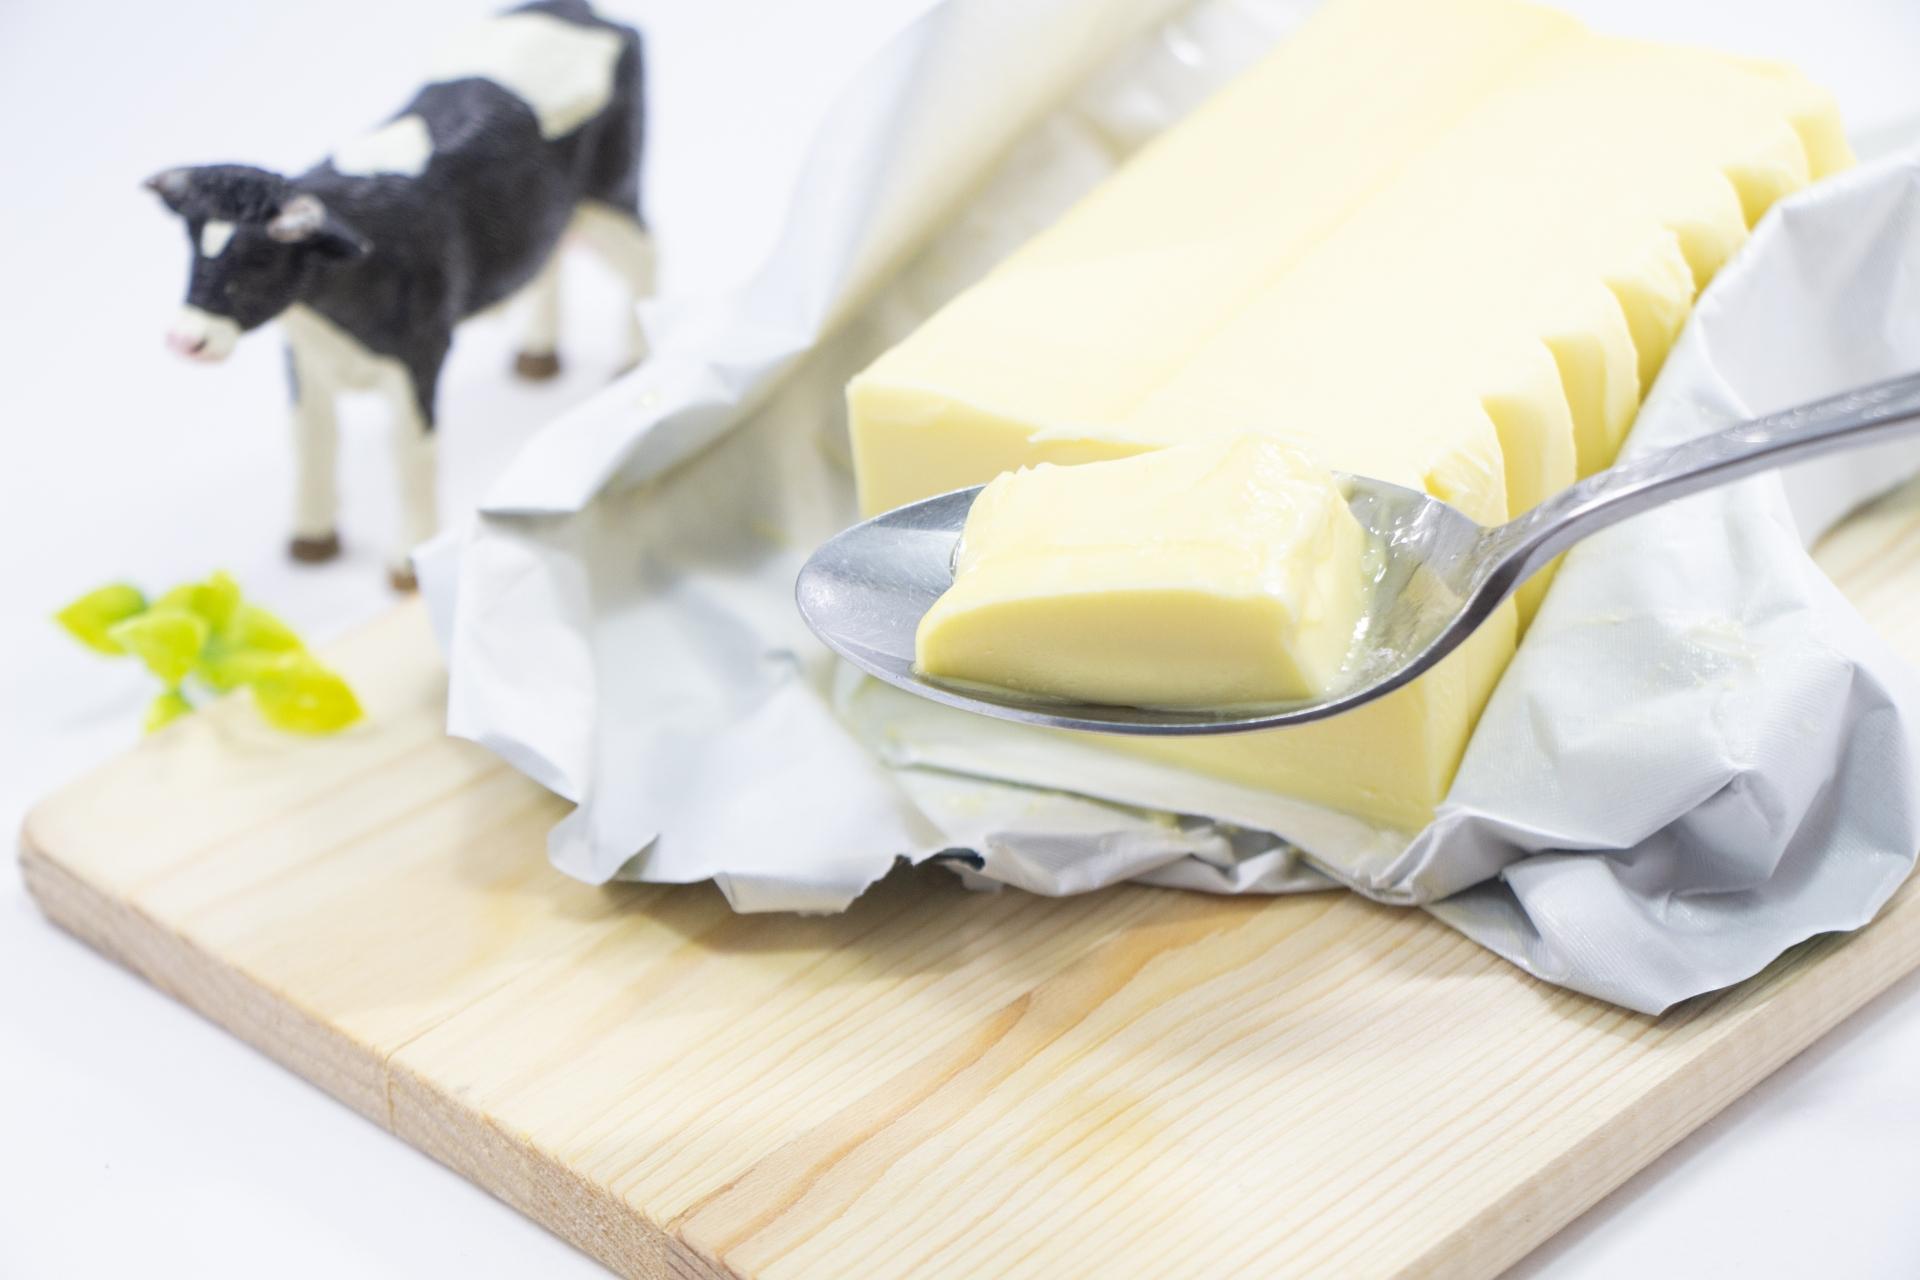 バターの塊と牛の人形